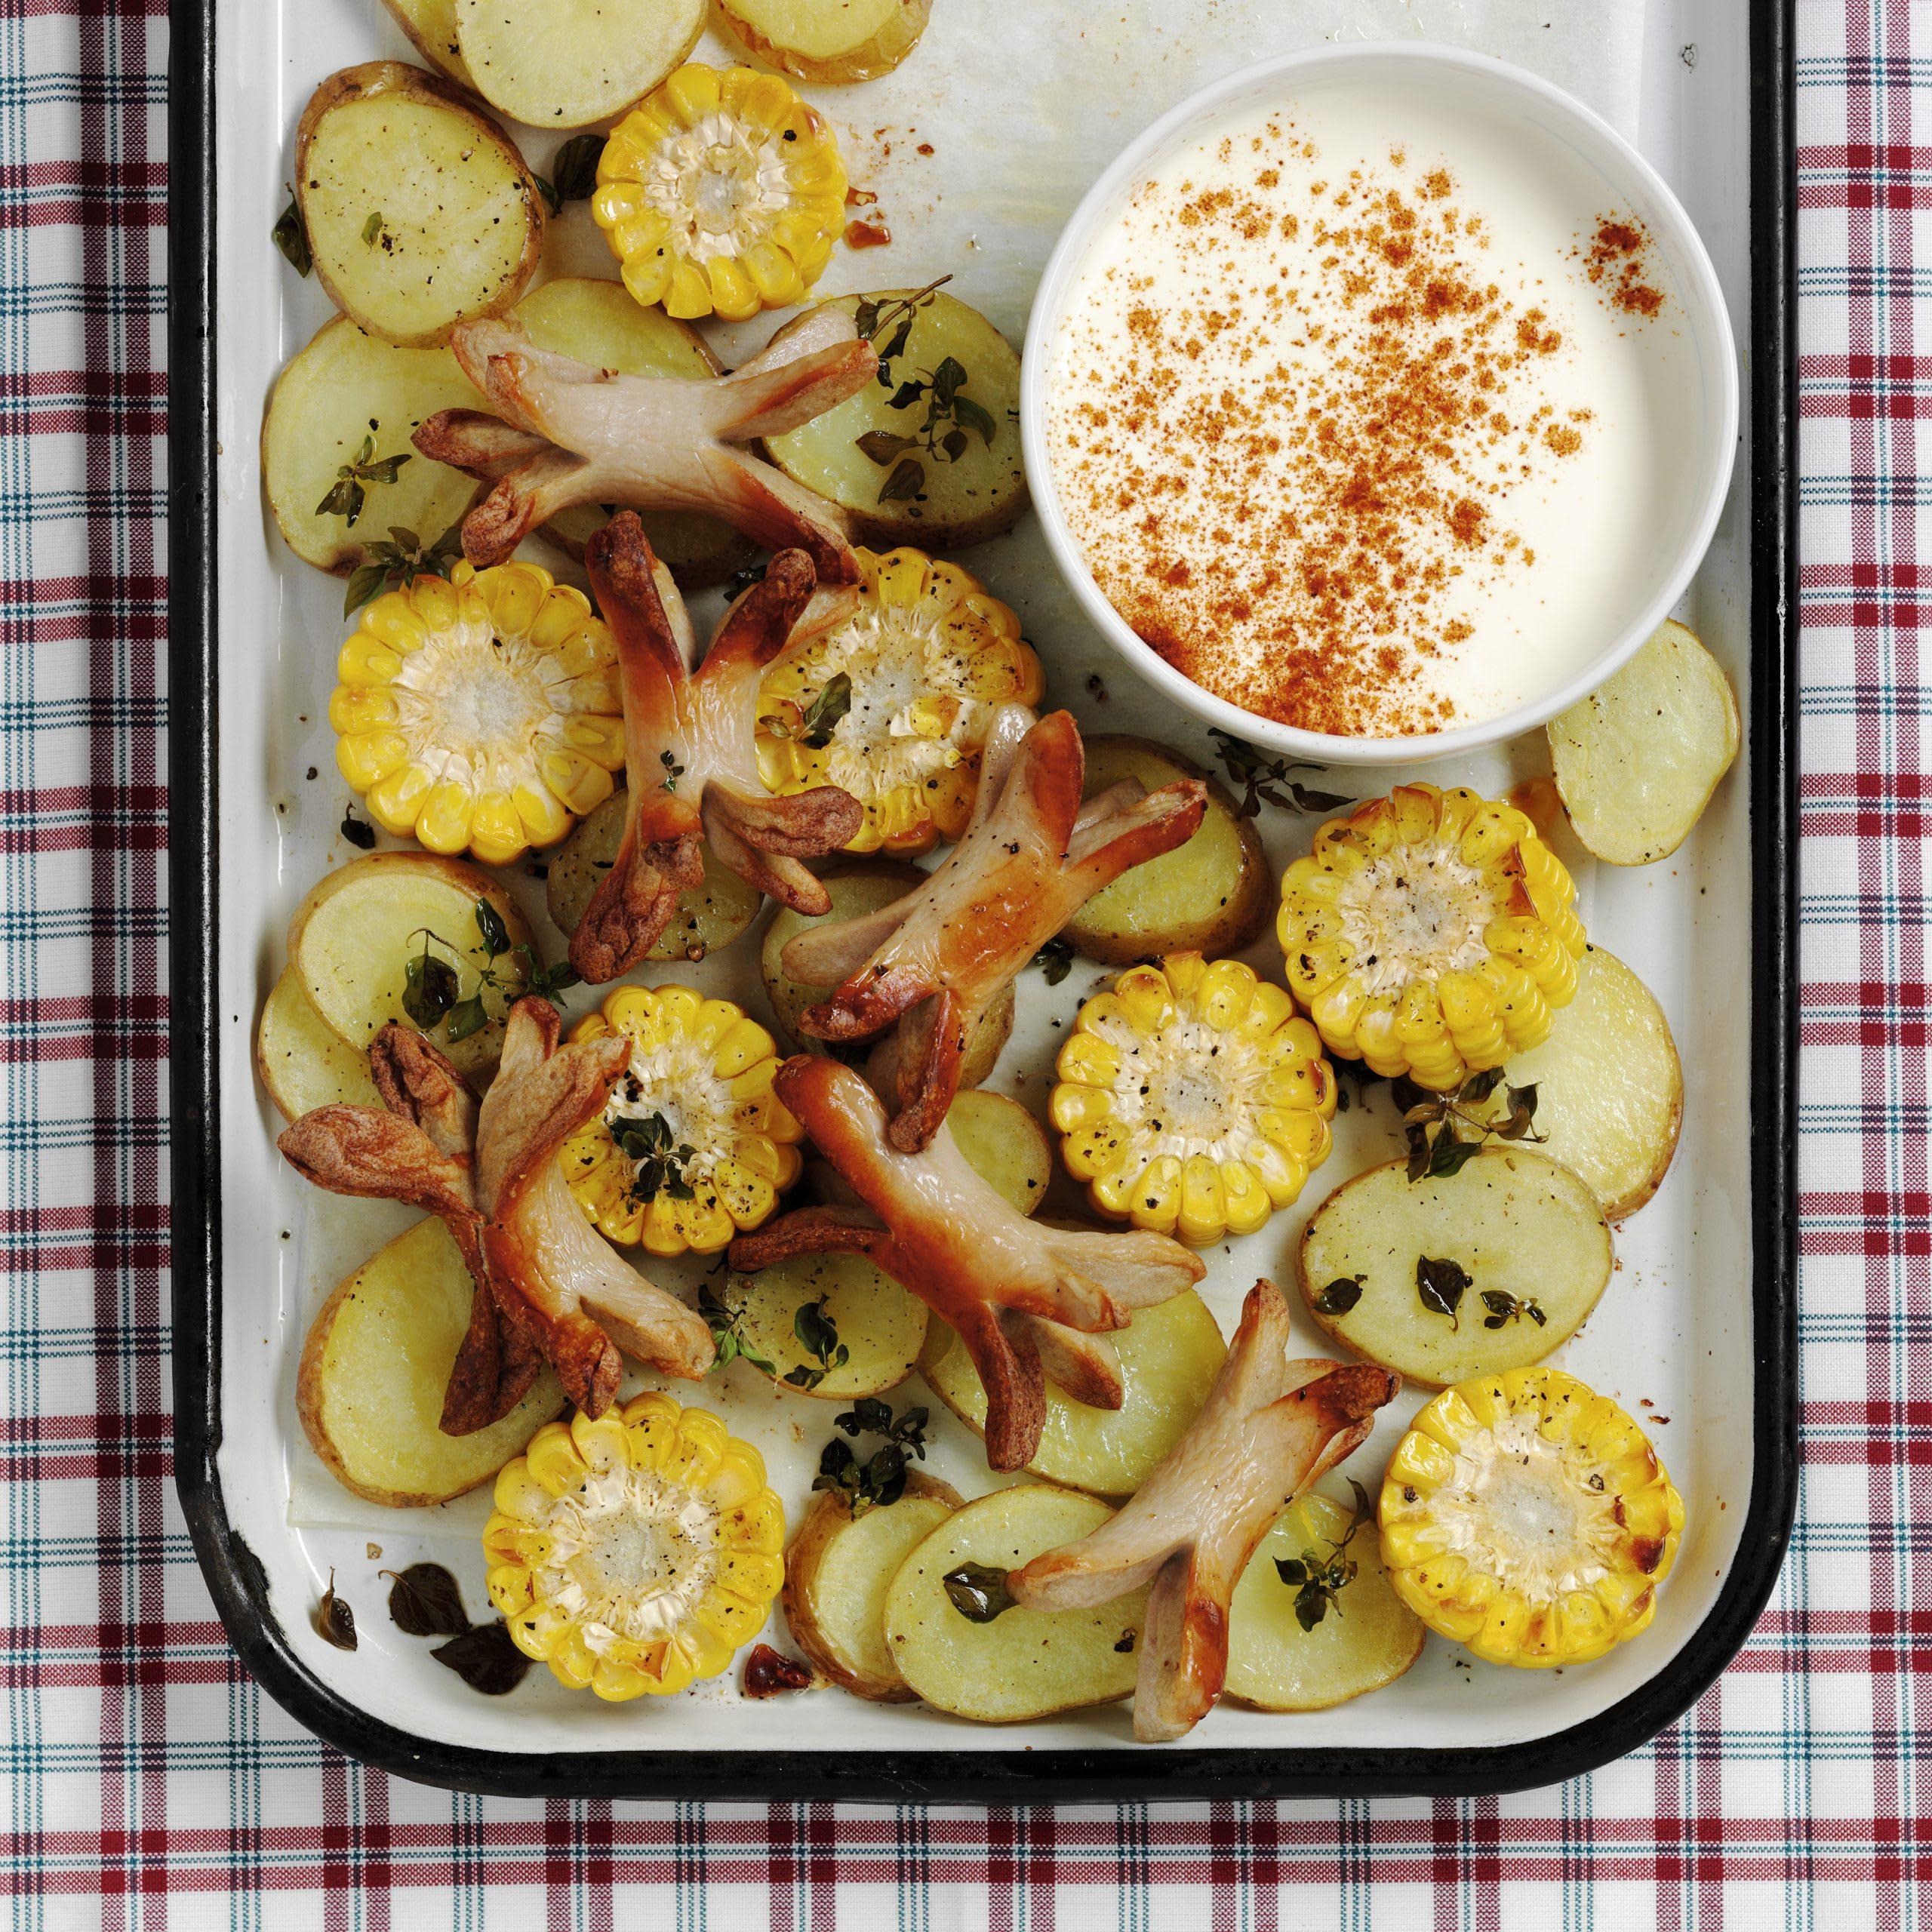 Maïs, pommes de terre et saucisses